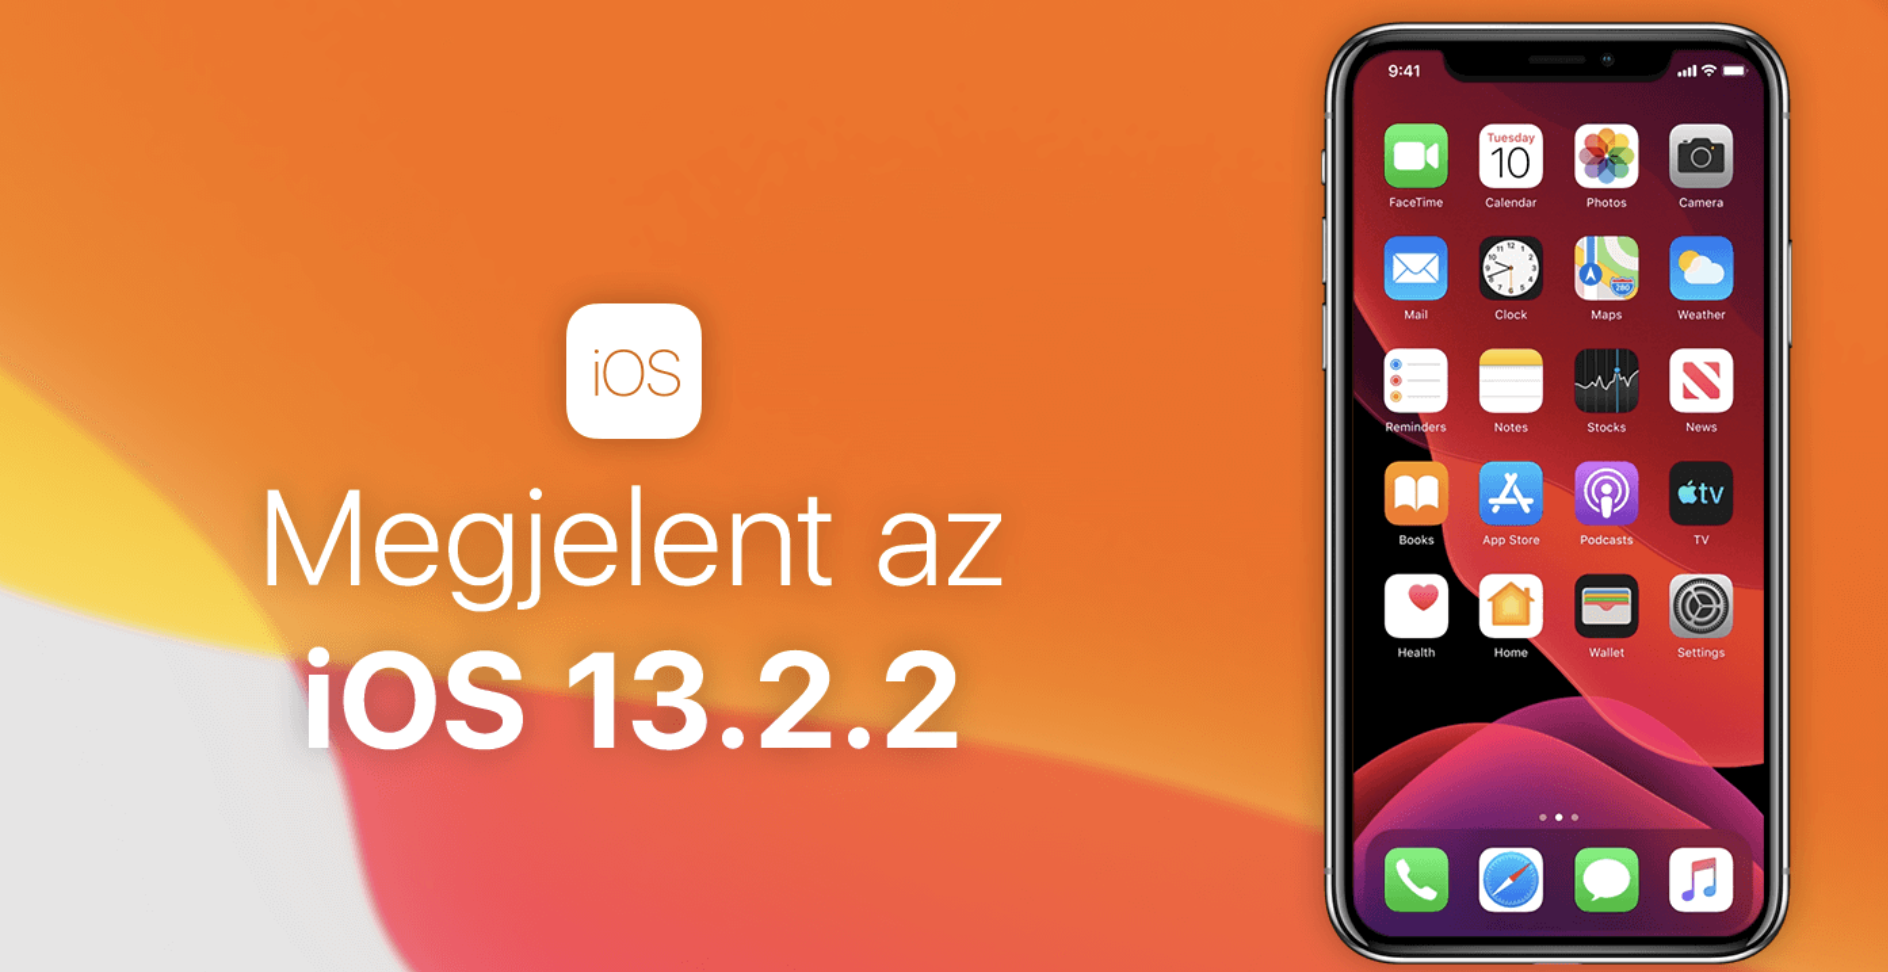 Megérkezett az iOS 13.2.2 - Az Apple végre javította a hálózati problémát